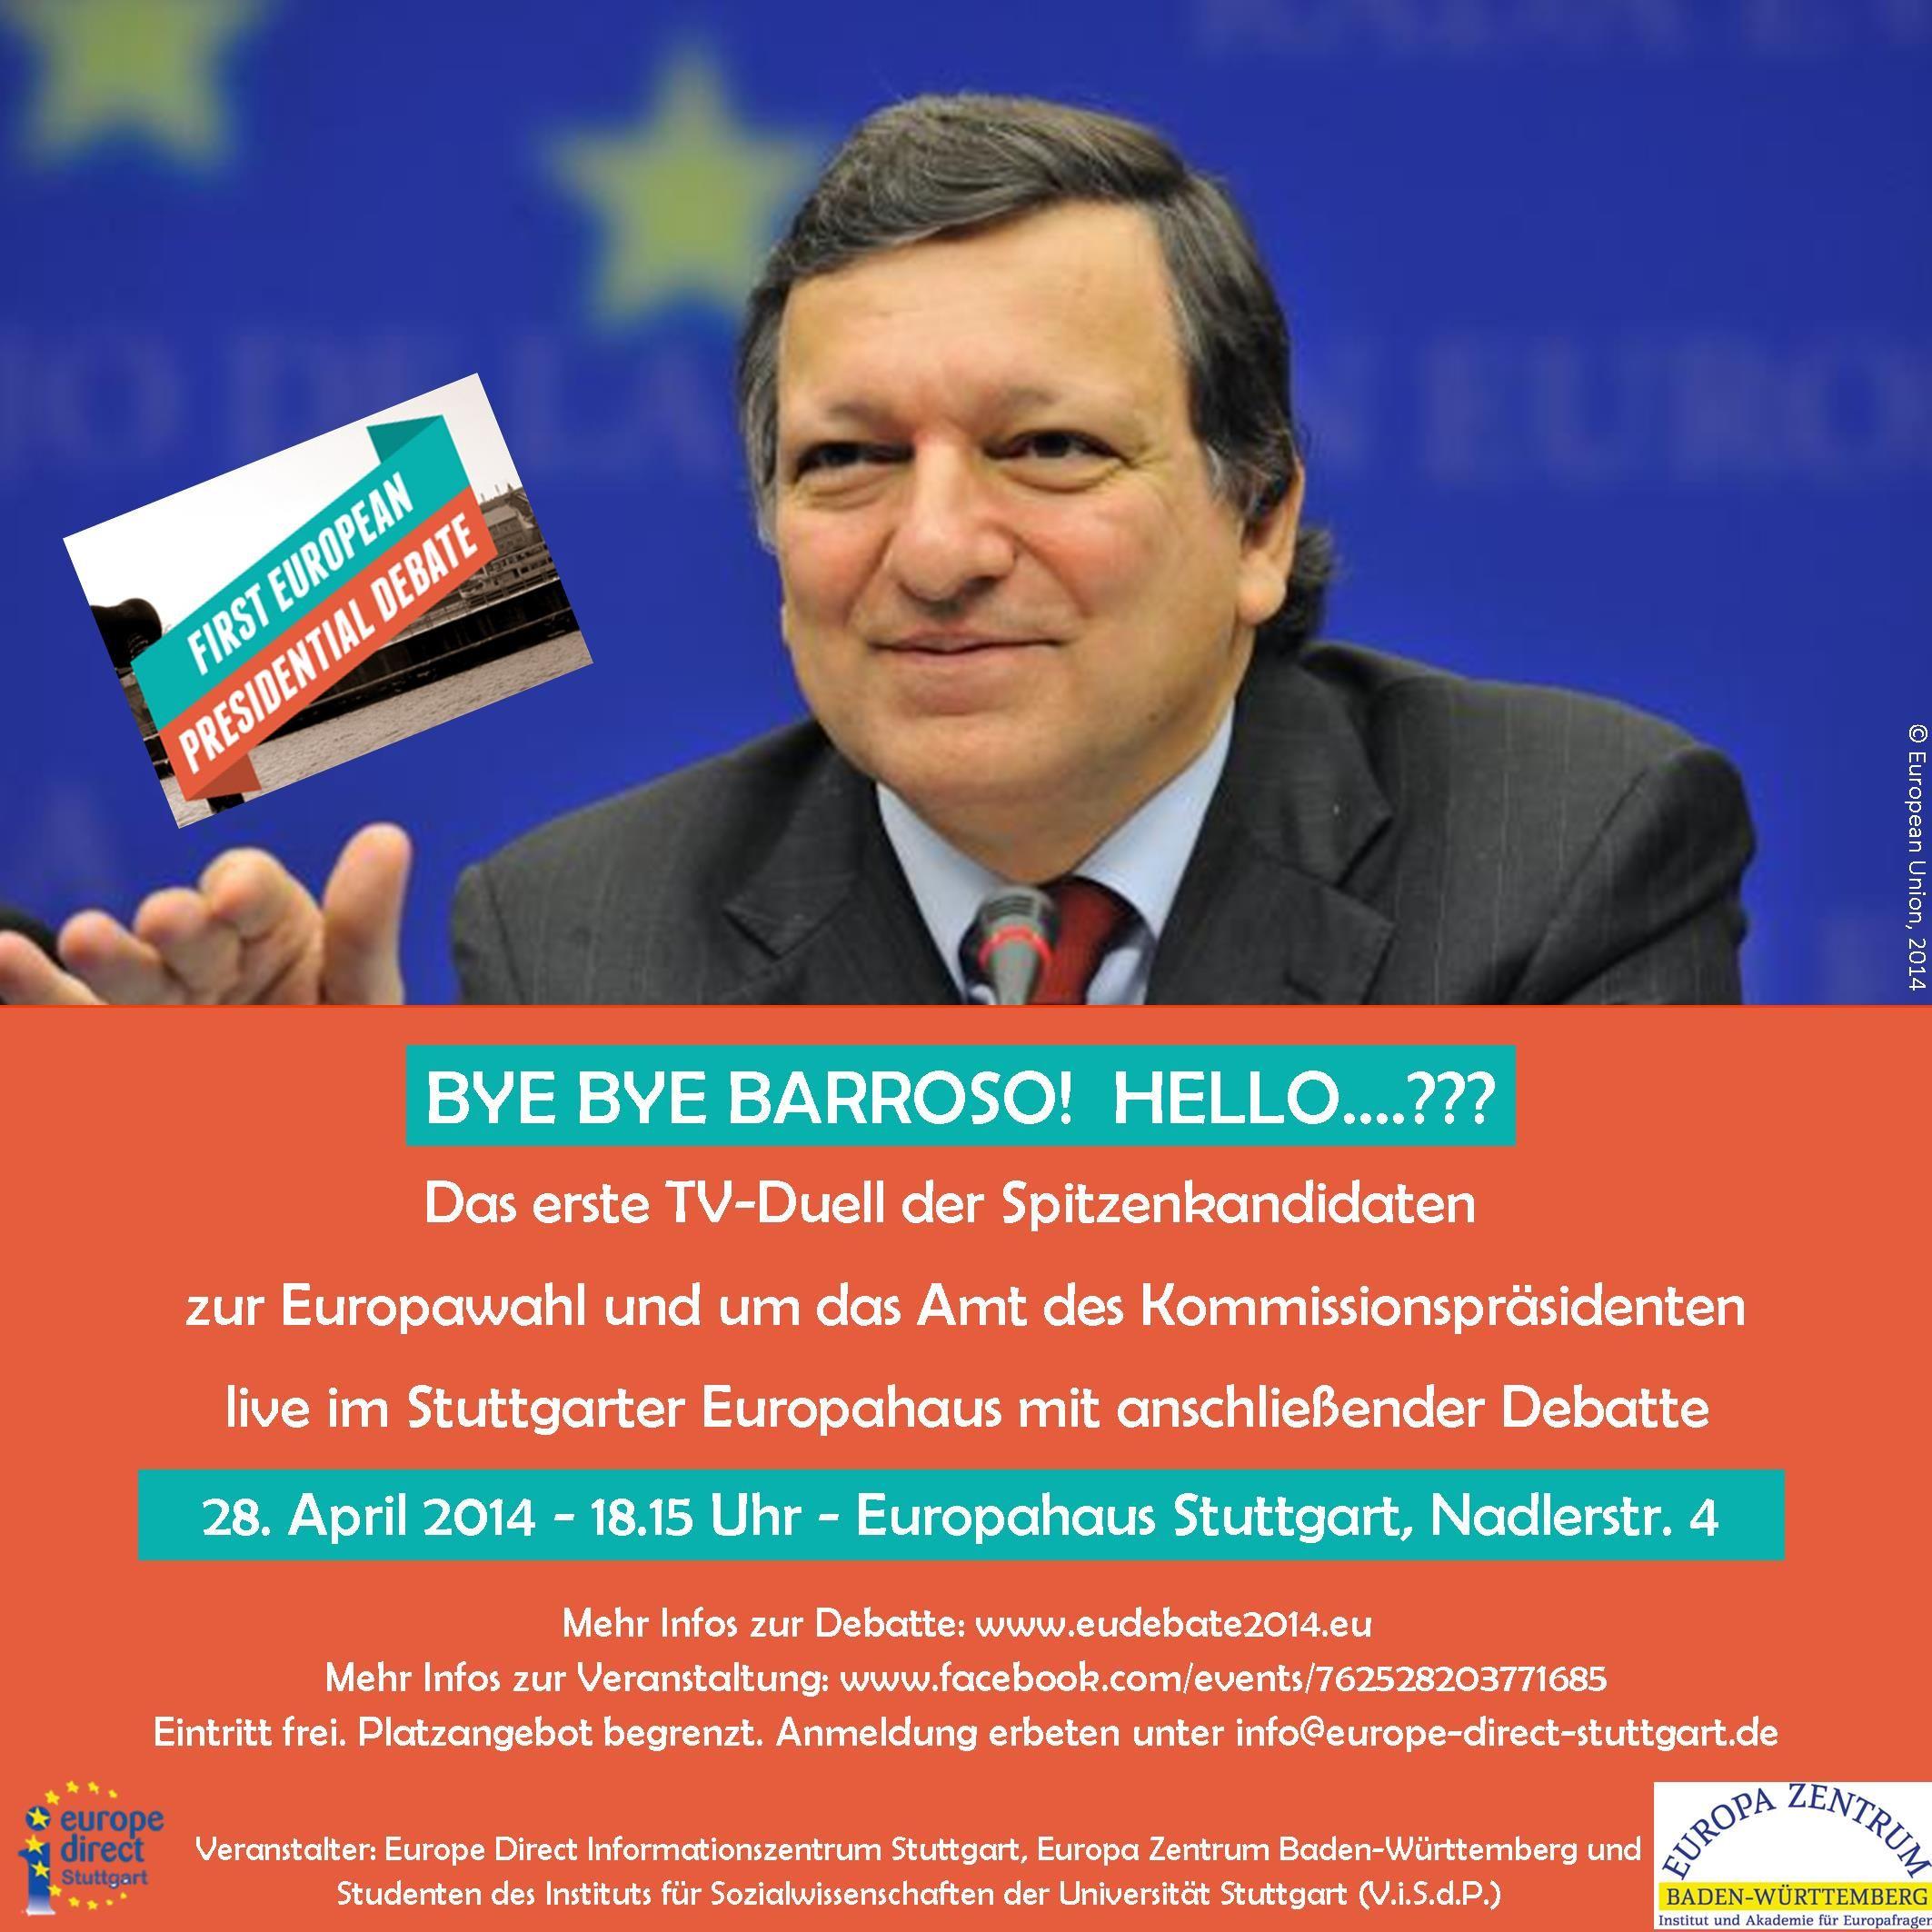 Das erste TV-Duell der Spitzenkandidaten zur Europawahl 28-04-14